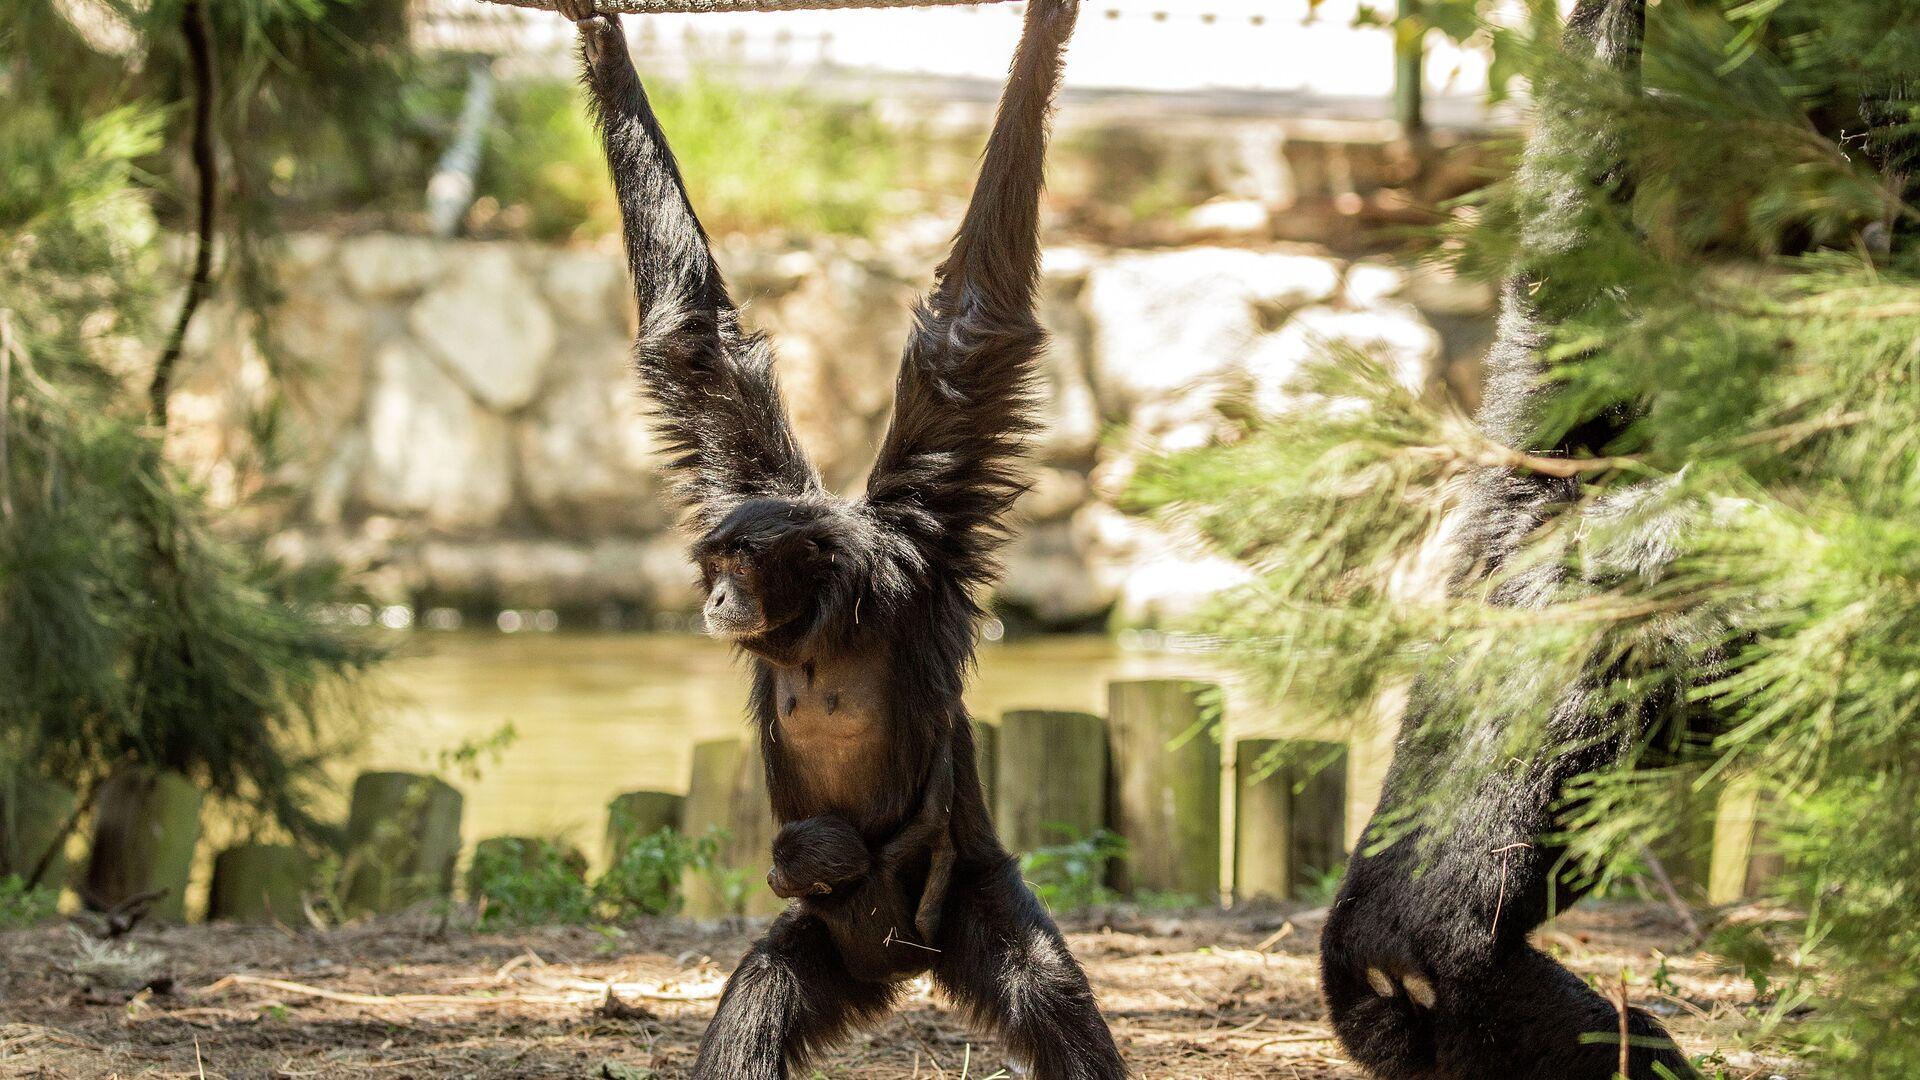 1063164527 0:270:5184:3186 1920x0 80 0 0 b2b38f9d64f06222098652cccdfff286 - В Новосибирске показали редких обезьян, которые поют